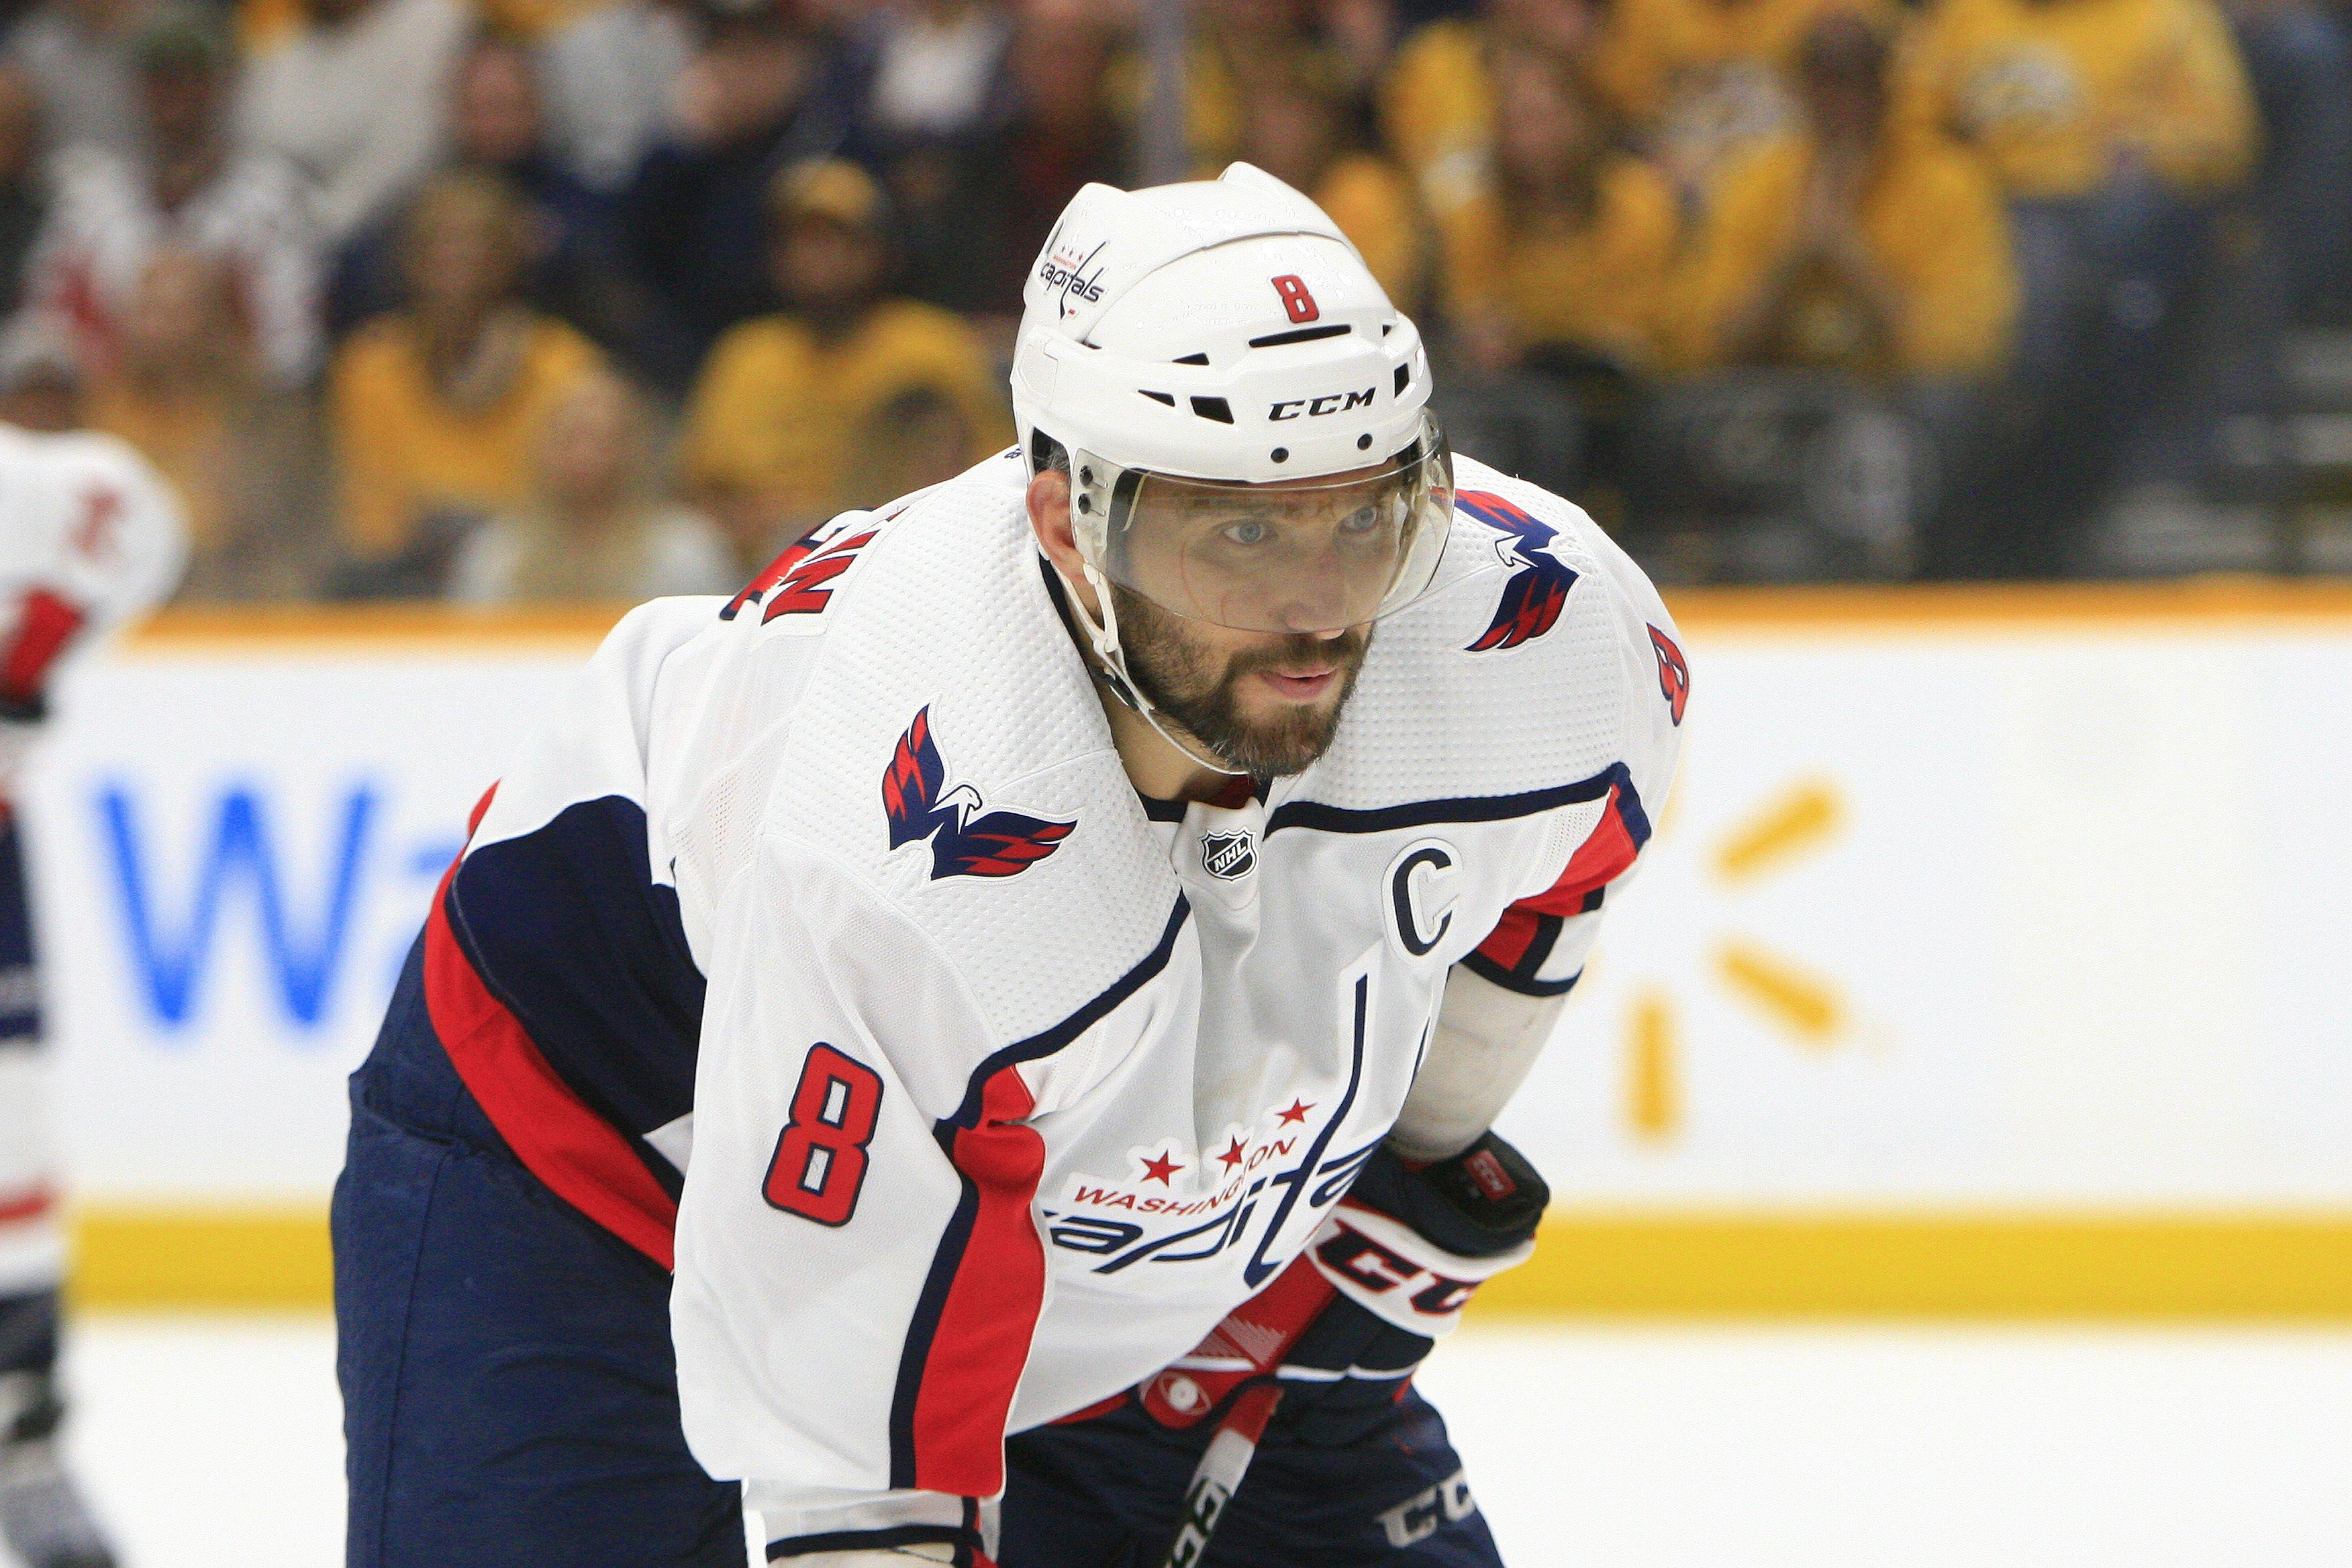 Победная шайба Овечкина в видеообзоре матча НХЛ 'Нью-Джерси' - 'Вашингтон'